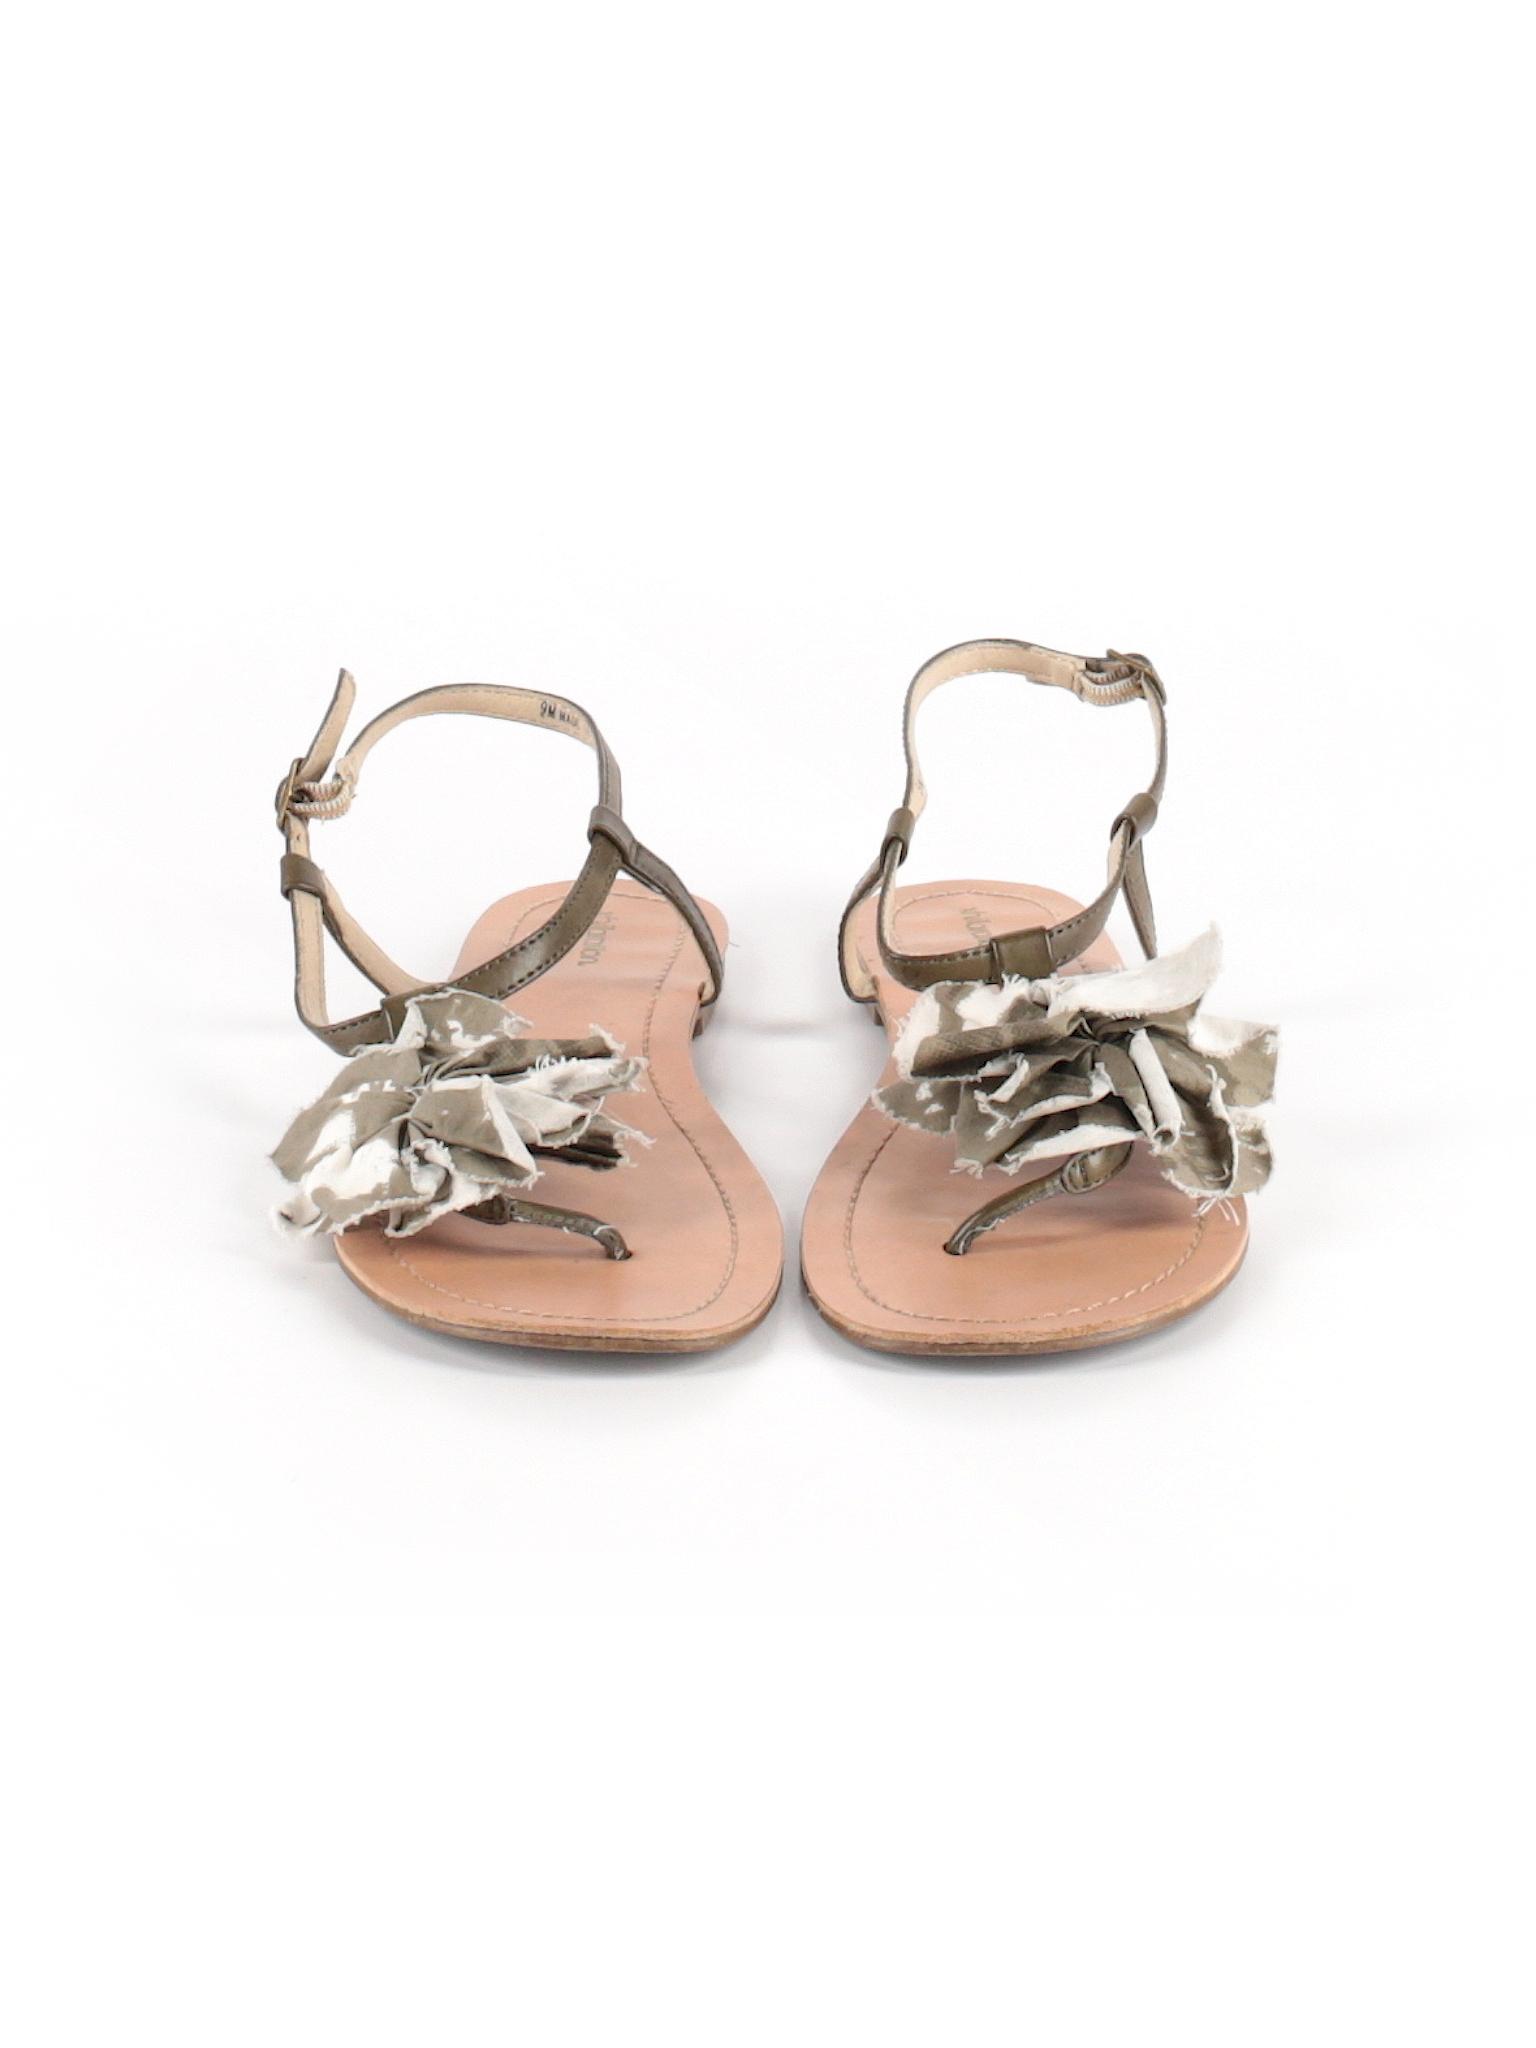 Xhilaration Xhilaration Boutique promotion Sandals Xhilaration Boutique Boutique Boutique promotion Sandals promotion Xhilaration Sandals promotion 1wZUdqU